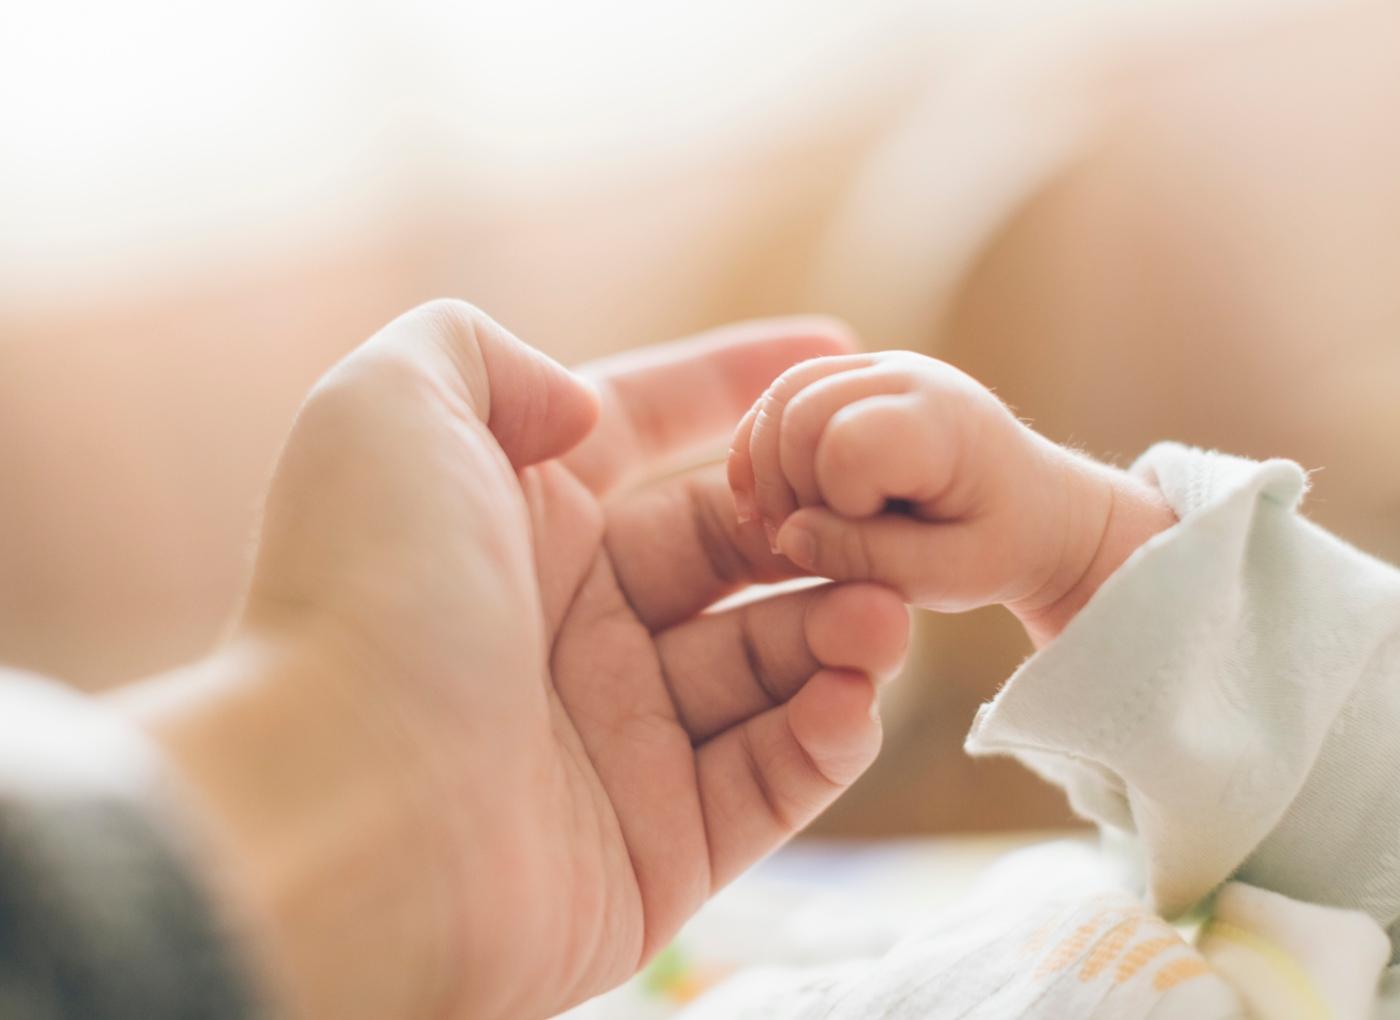 causas das hemorroidas no pós-parto